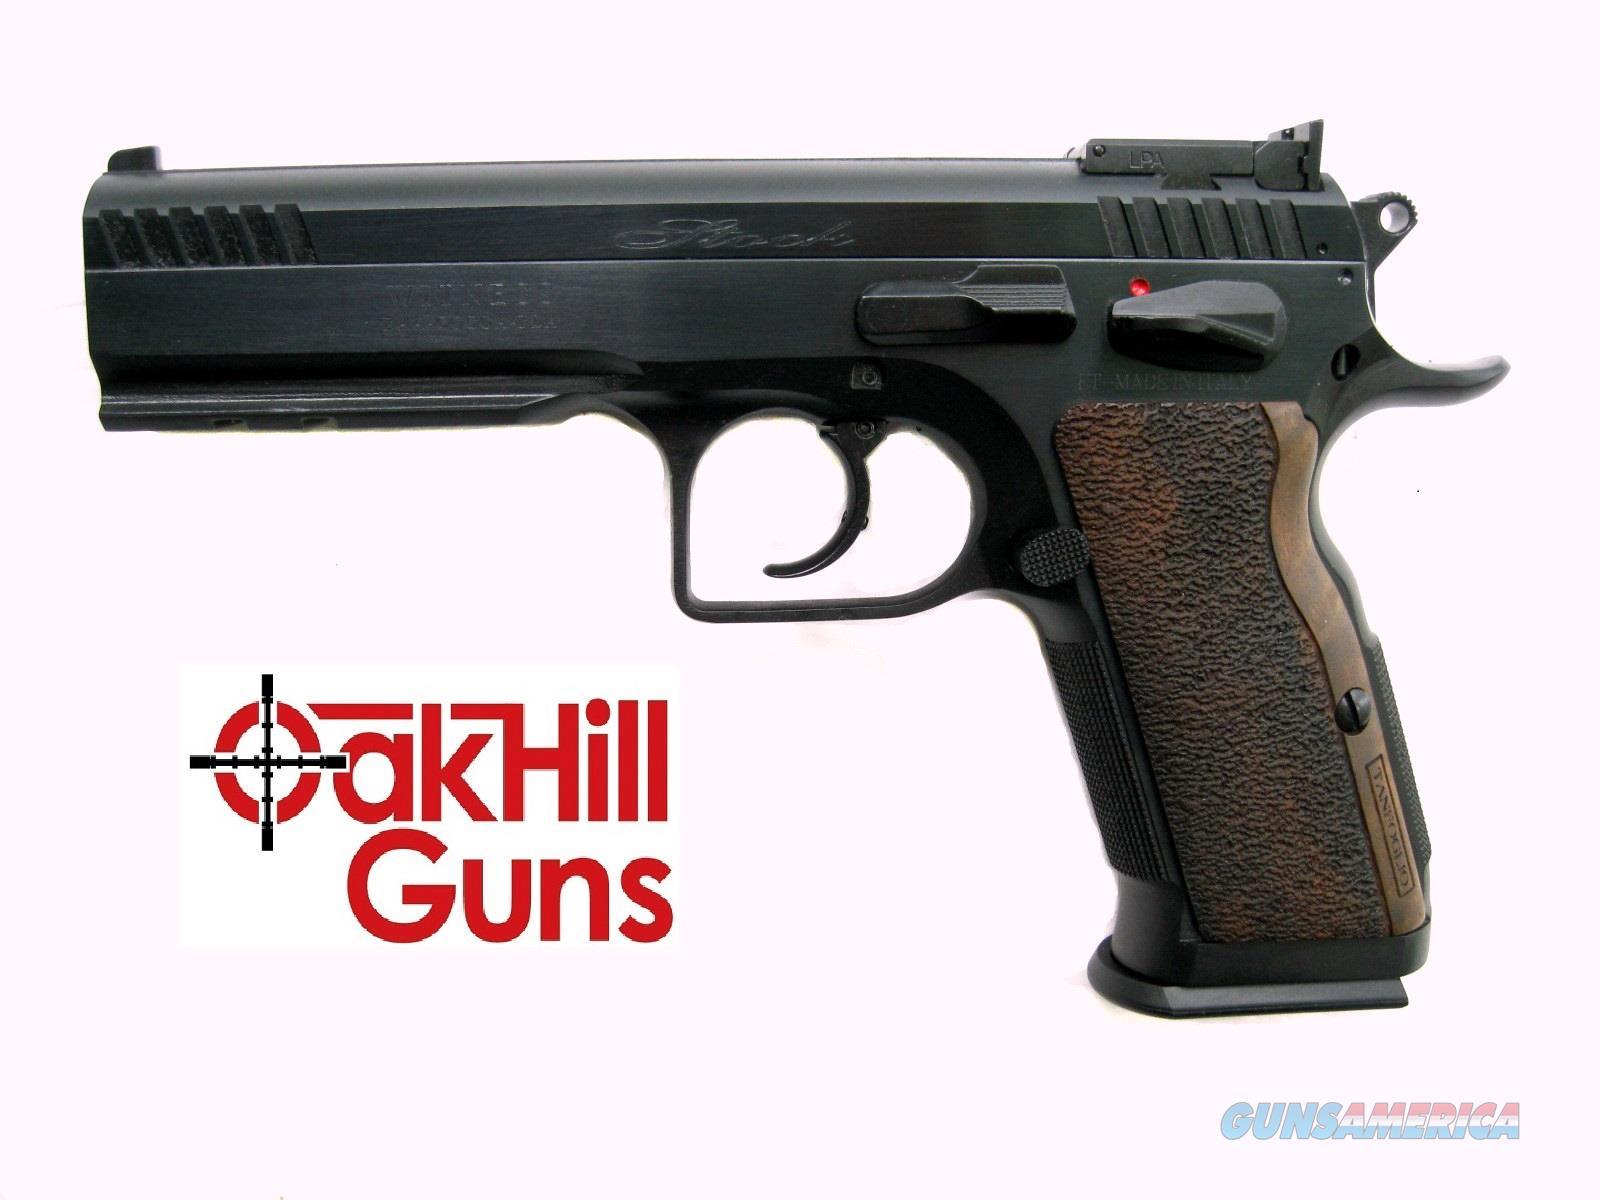 EAA Stock III 9mm Tanfoglio Elite Series Bull Barrel Rail 600595  Guns > Pistols > EAA Pistols > Other